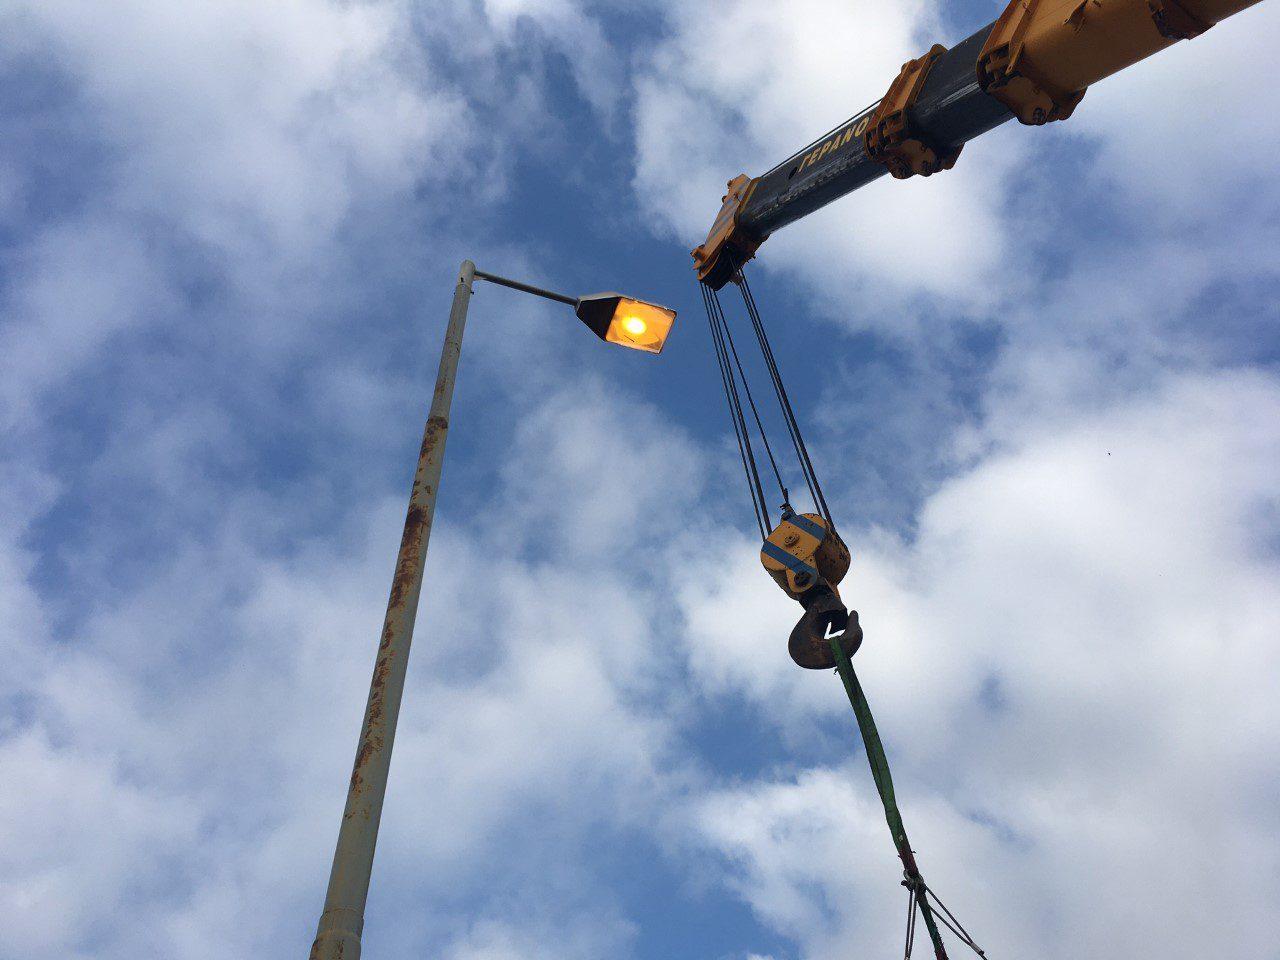 """Σε εξέλιξη το έργο αλλαγής ηλεκτροφωτισμού στη ΧΖΛ Ελευσίνας – Περατώθηκαν εργασίες για την επάρκεια φωτισμού στην περιοχή """"Κρόνος"""""""